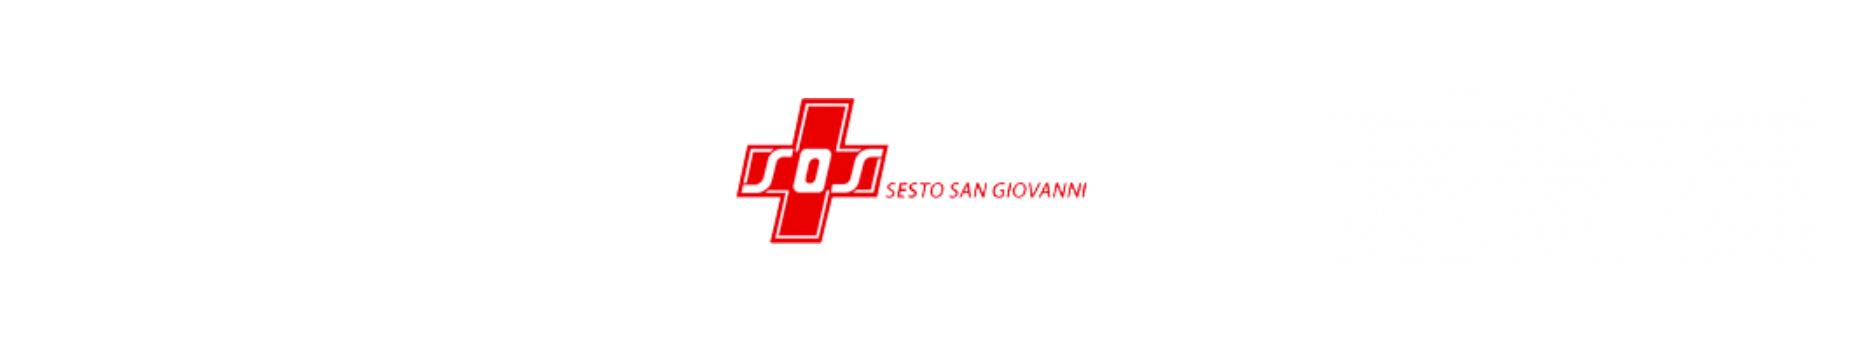 Associazione SOS di Sesto San Giovanni - Associazione volontaria di pronto soccorso e pubblica assistenza ONLUS - logo